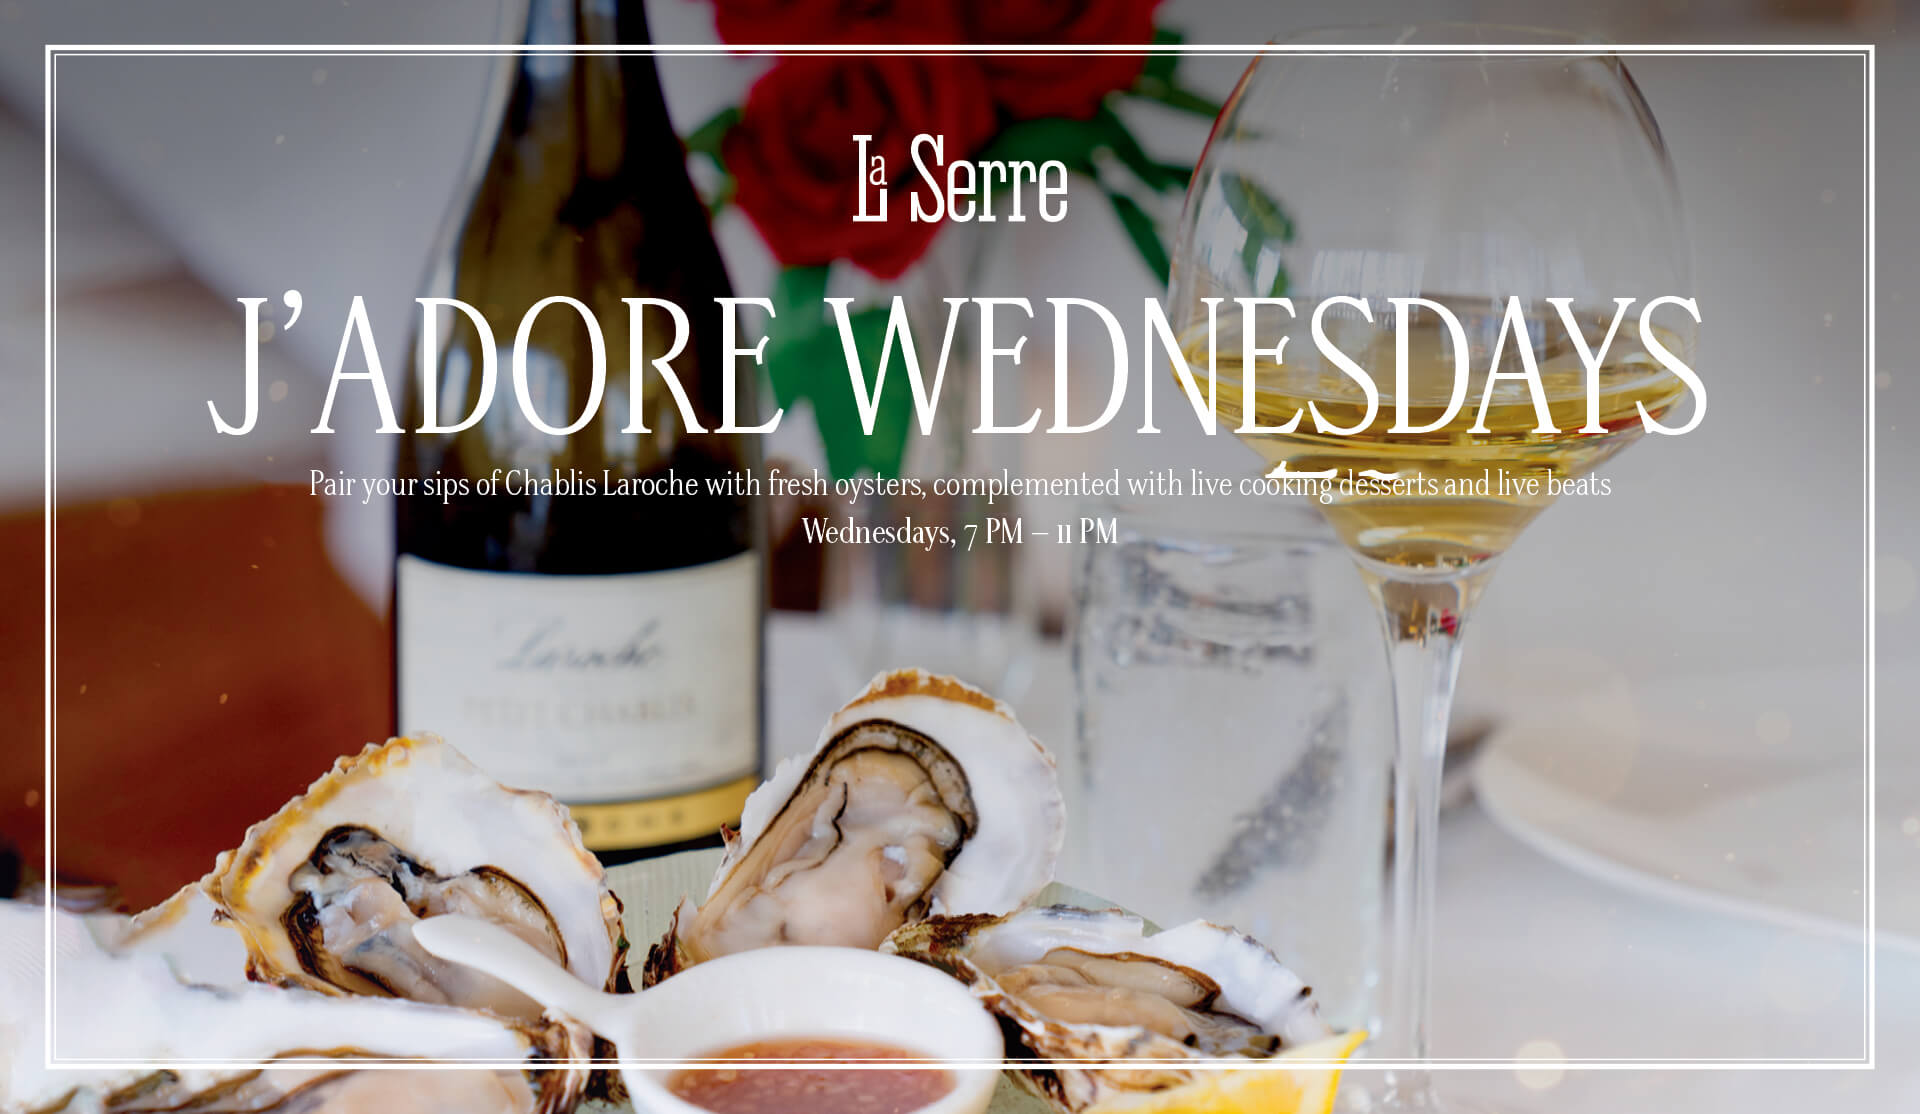 Jadore Wednesdays - La Serre Dubai